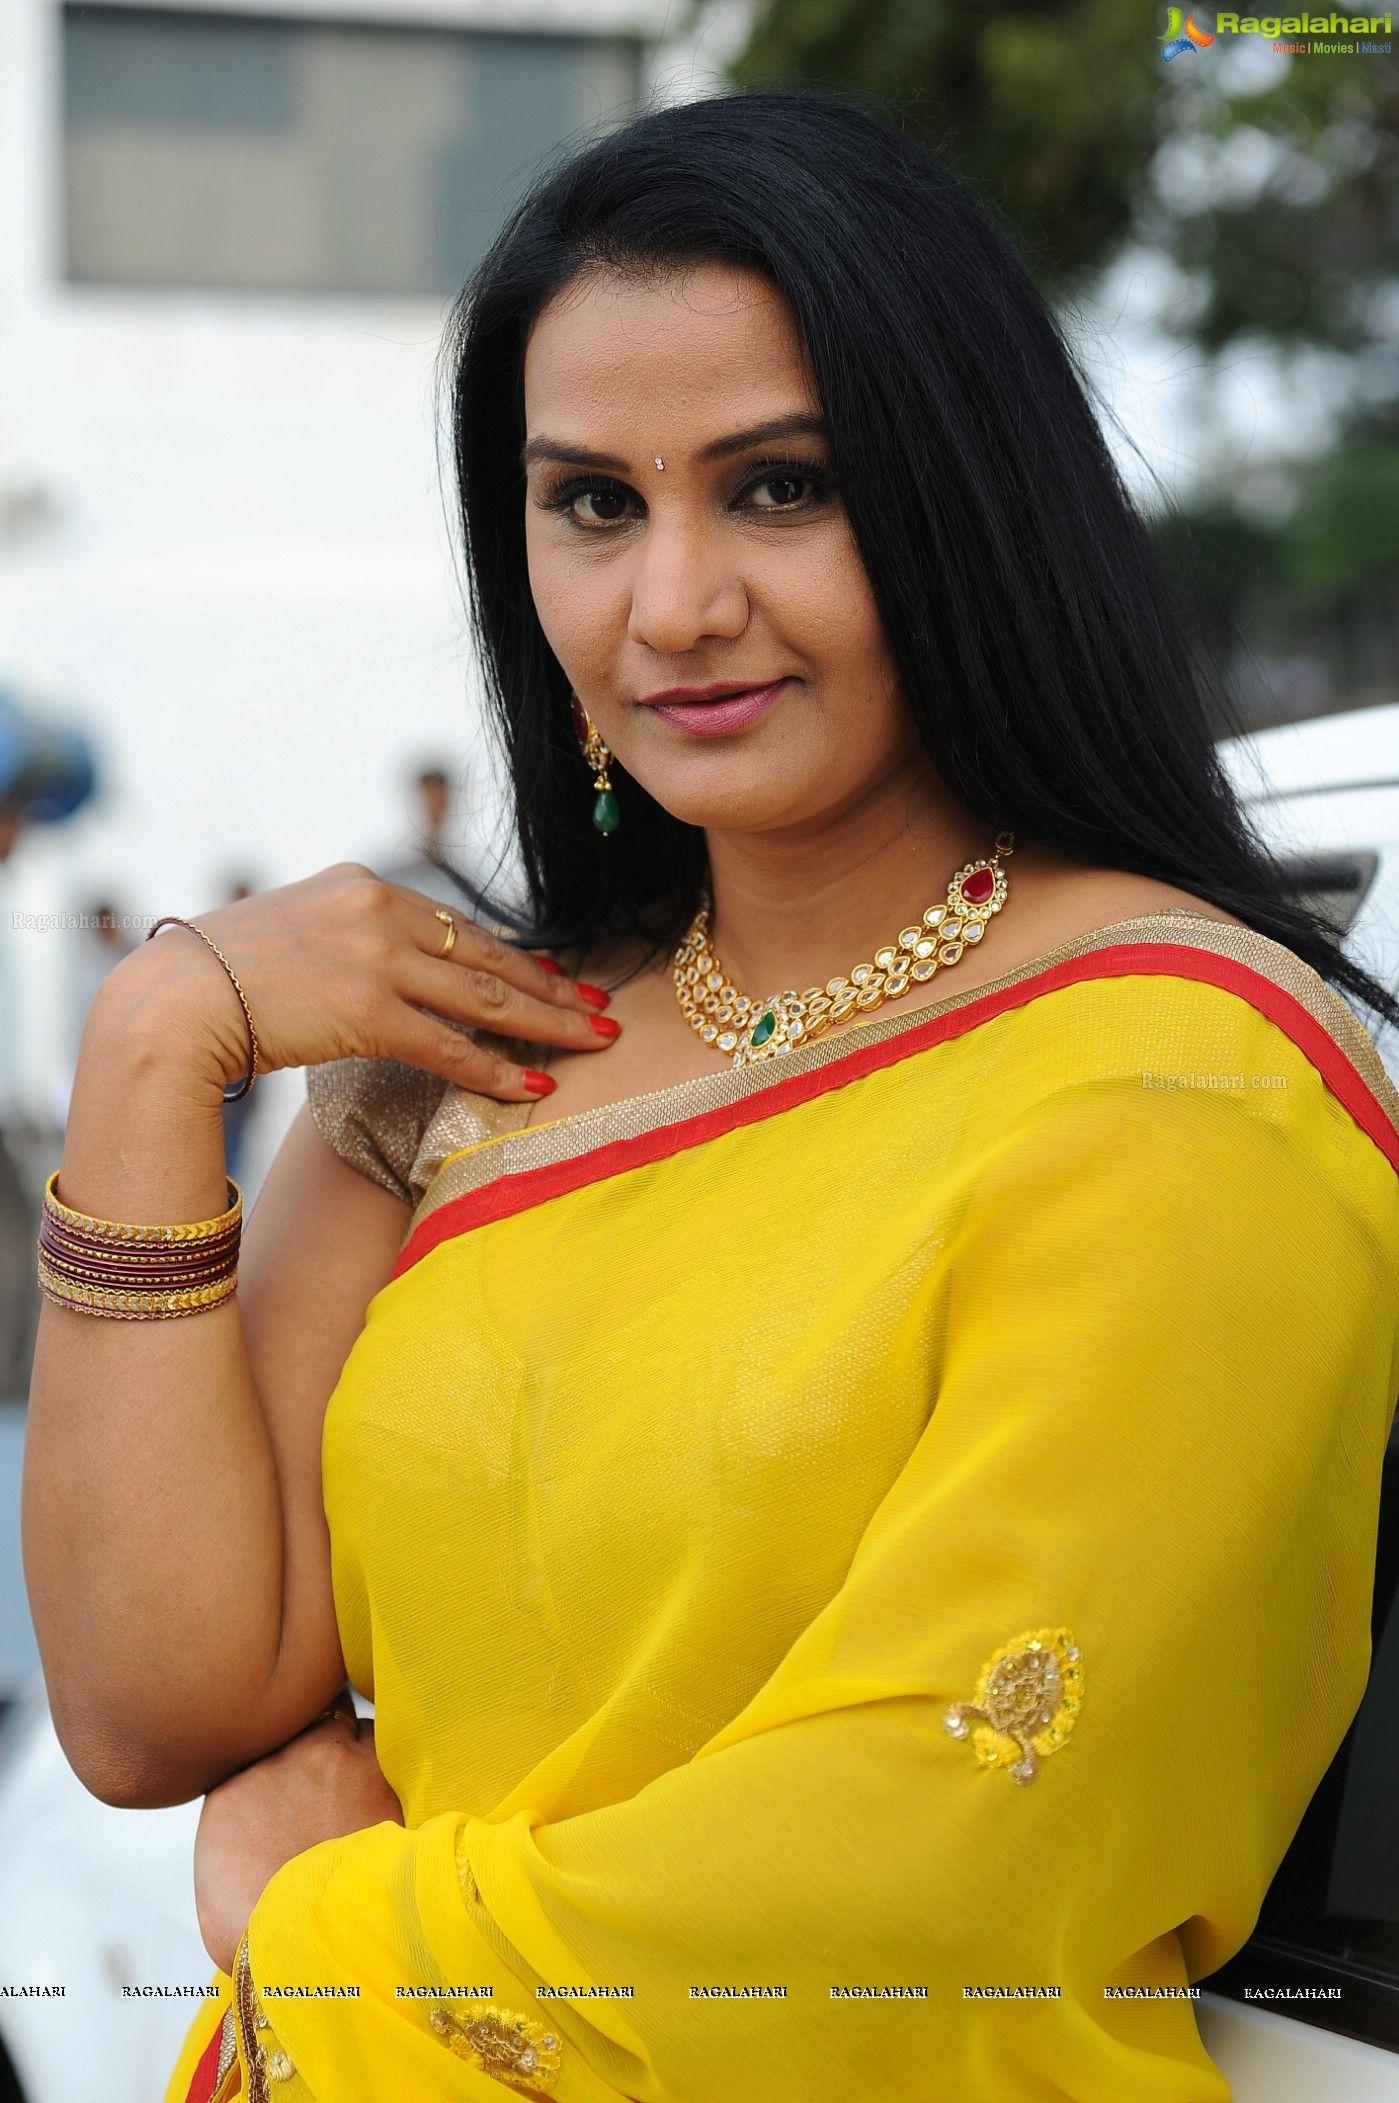 Telugu Character Artist Apoorva Saree Stills Image 21 Saree Indian Actresses Actresses